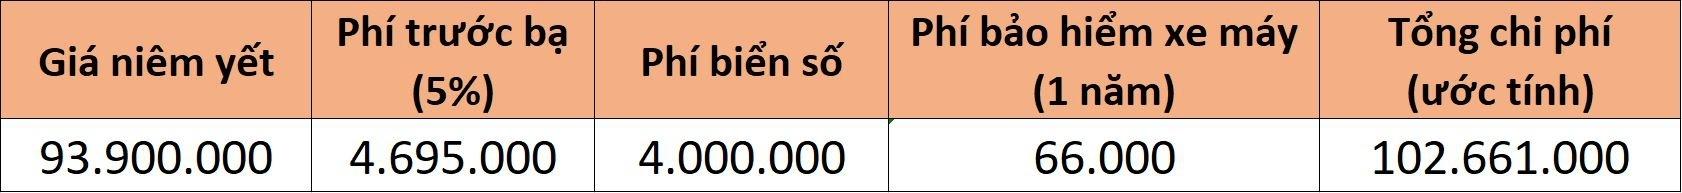 5-mau-xe-may-150-cc-co-gia-lan-banh-tren-100-trieu-dong-tai-viet-nam